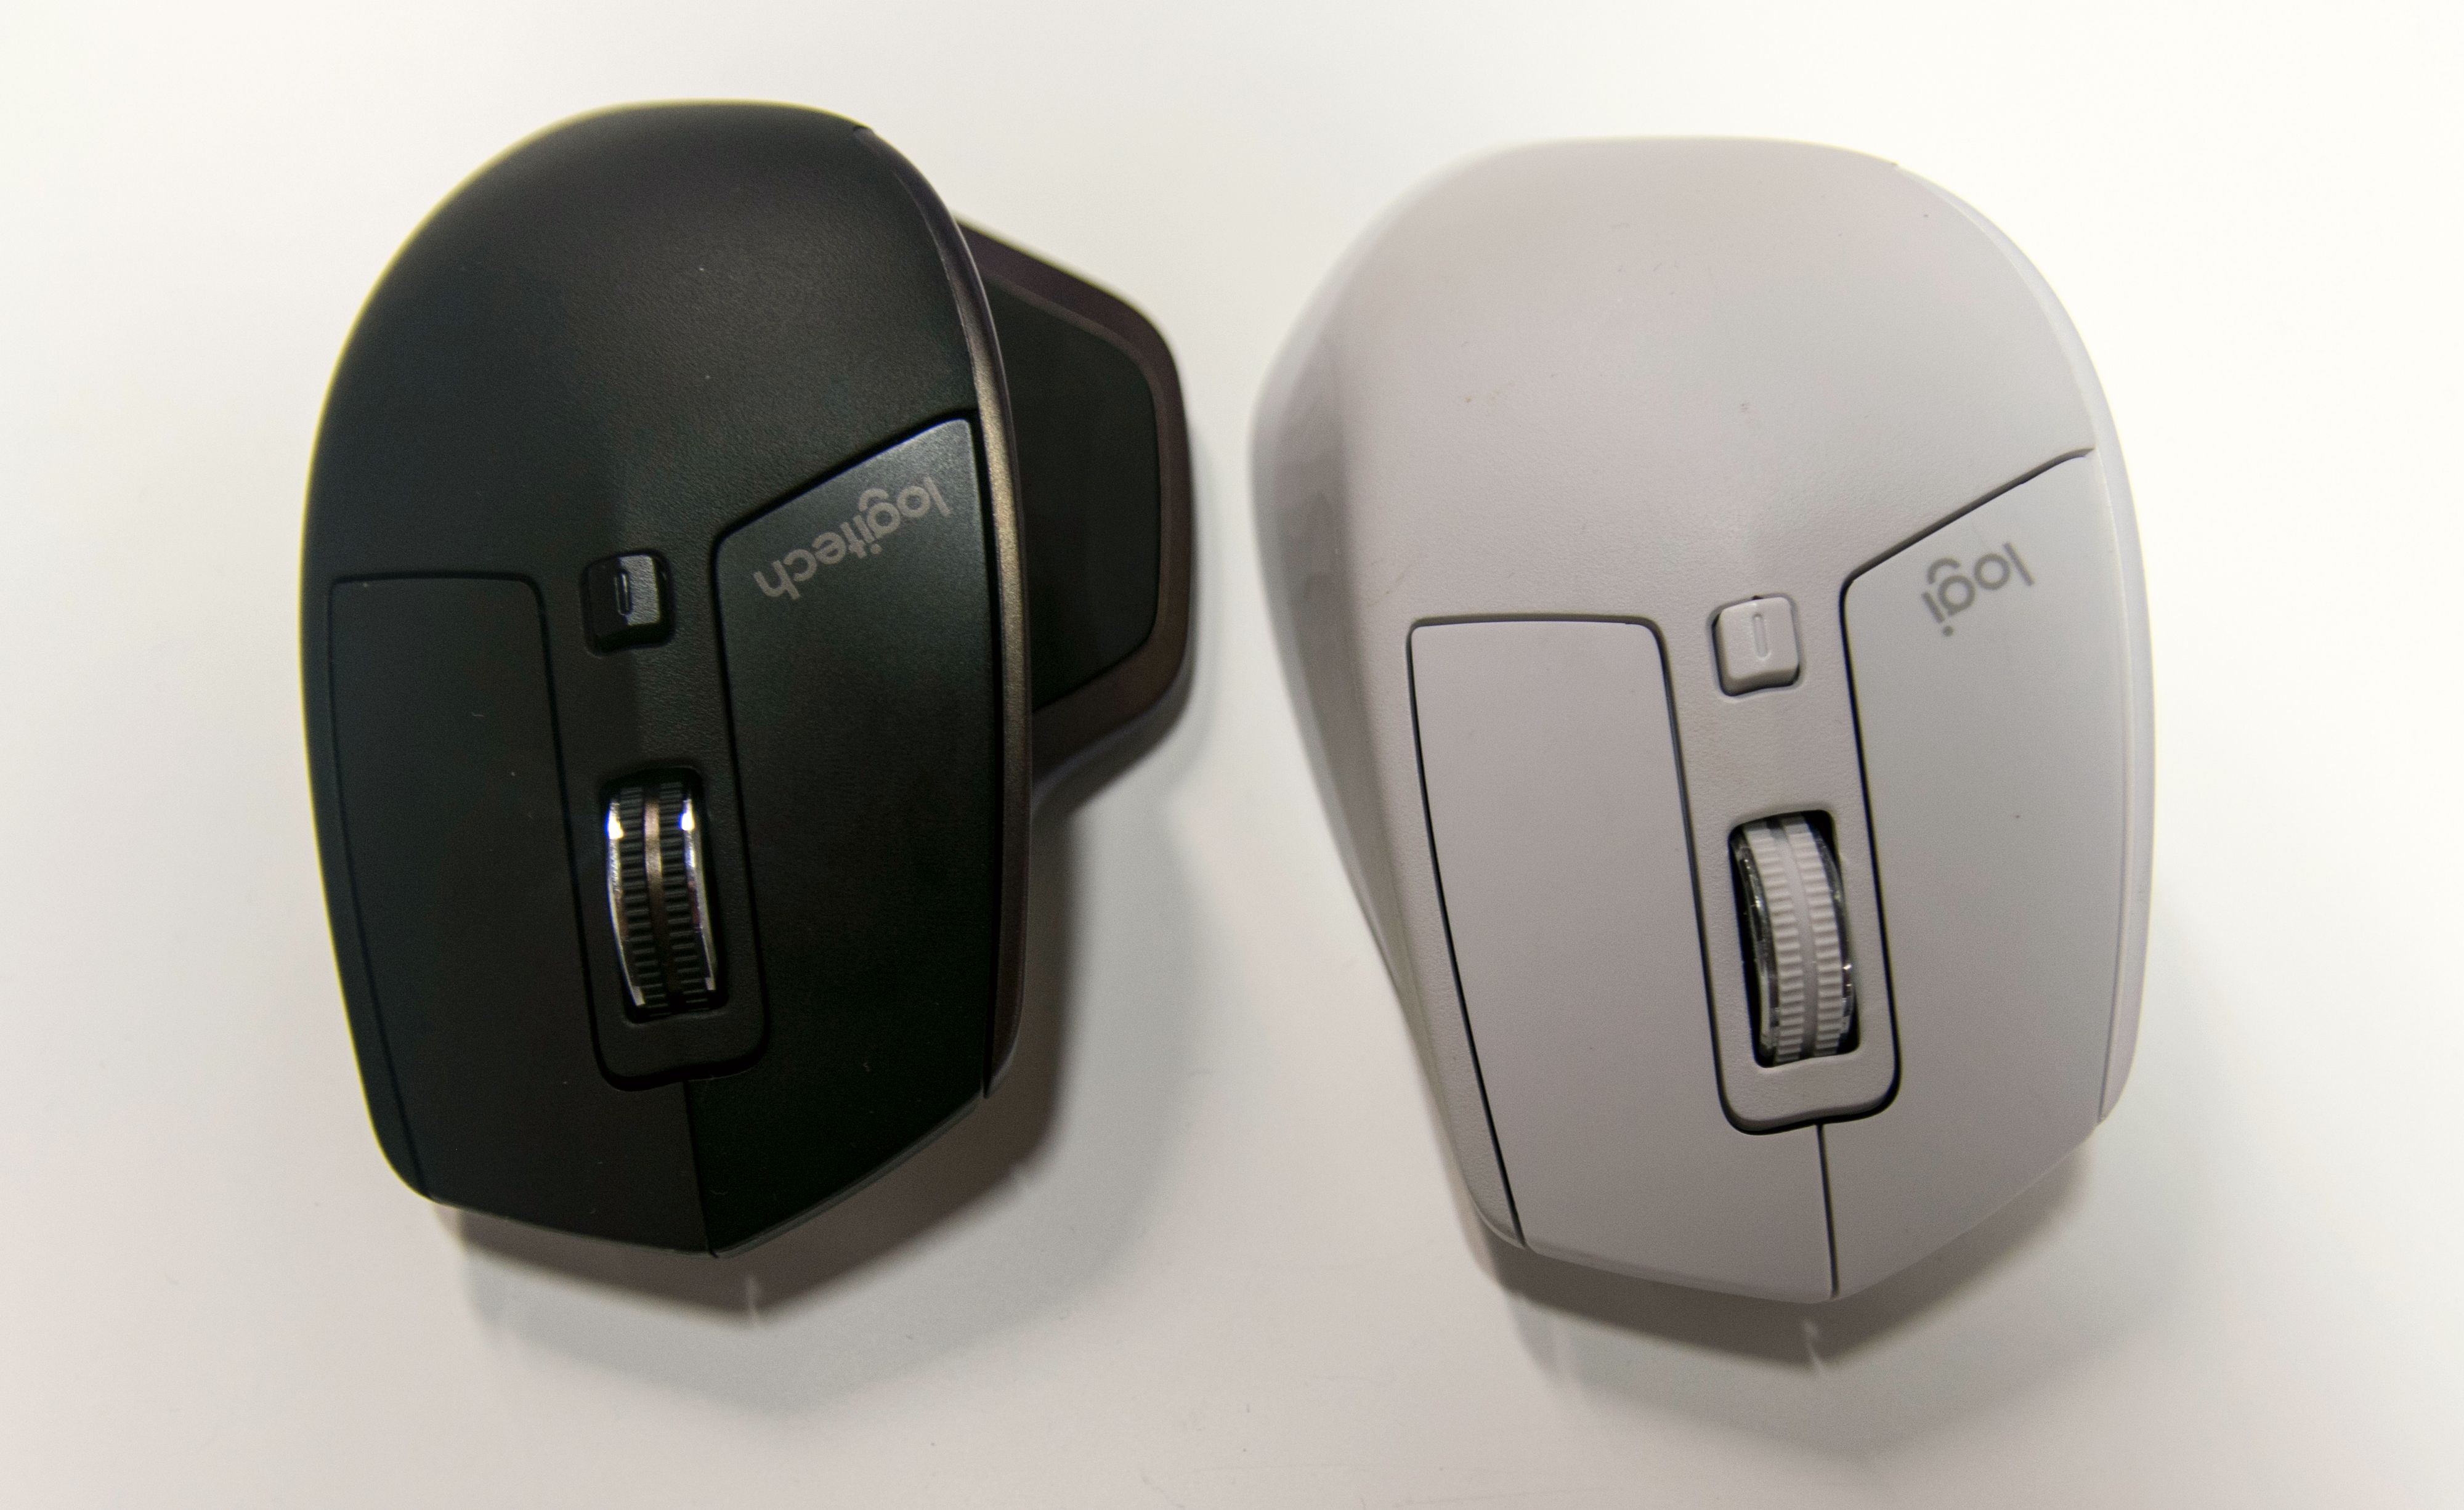 Originale MX Master i kledelig svart ved siden av en hvitbeige utgave av MX Master 2S.